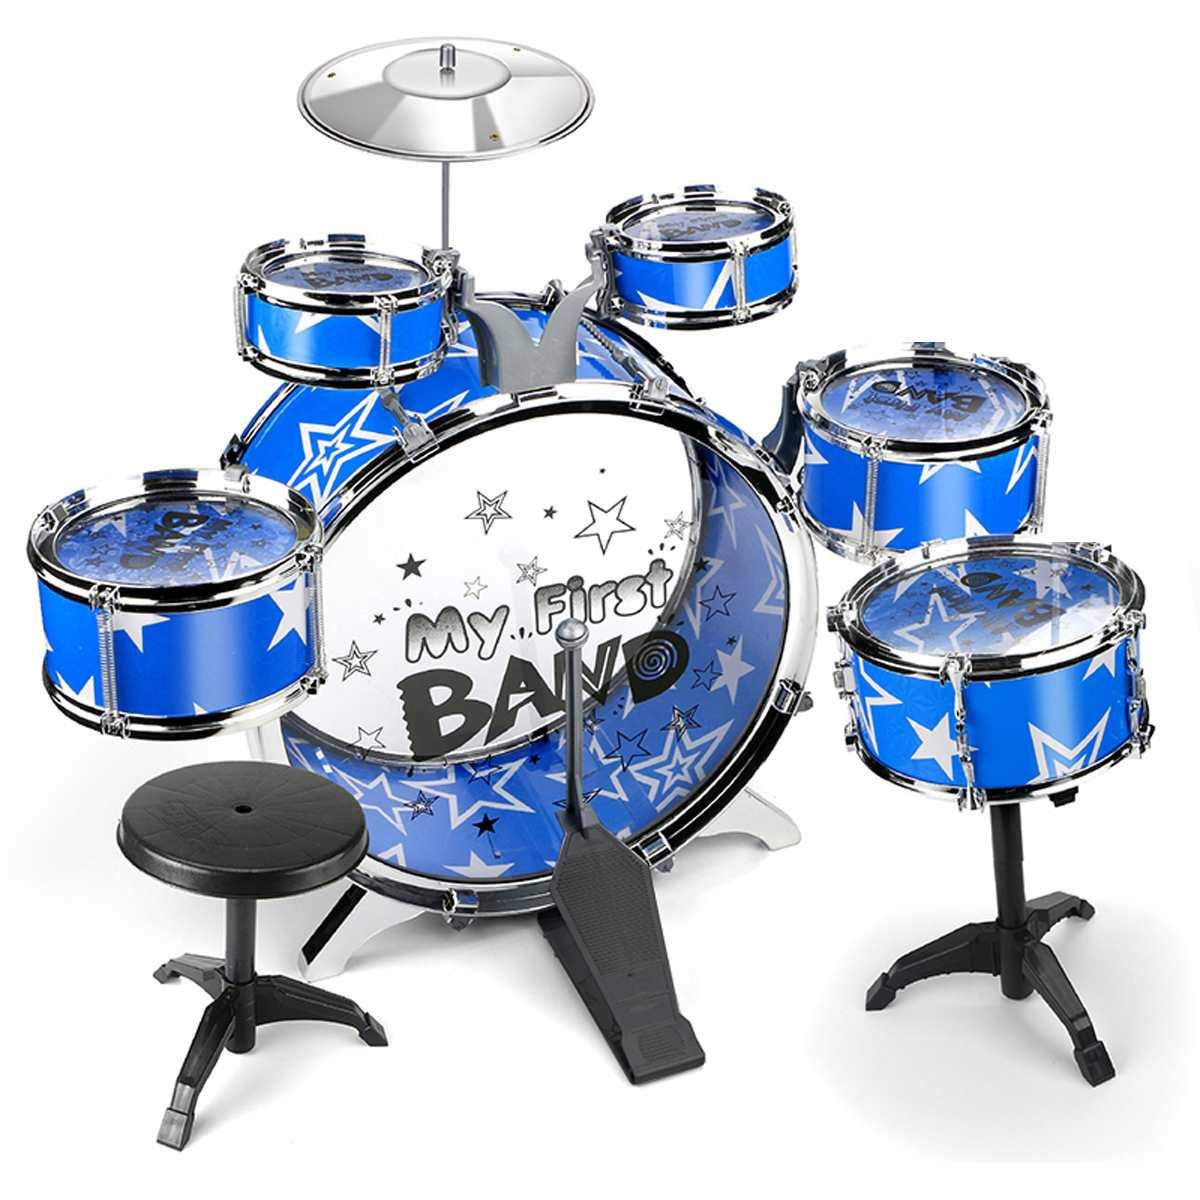 IRIN enfants enfants Jazz batterie ensemble Kit Instrument éducatif de musique jouet 5 tambours 1 cymbale avec petit tabouret baguettes de tambour pour les enfants